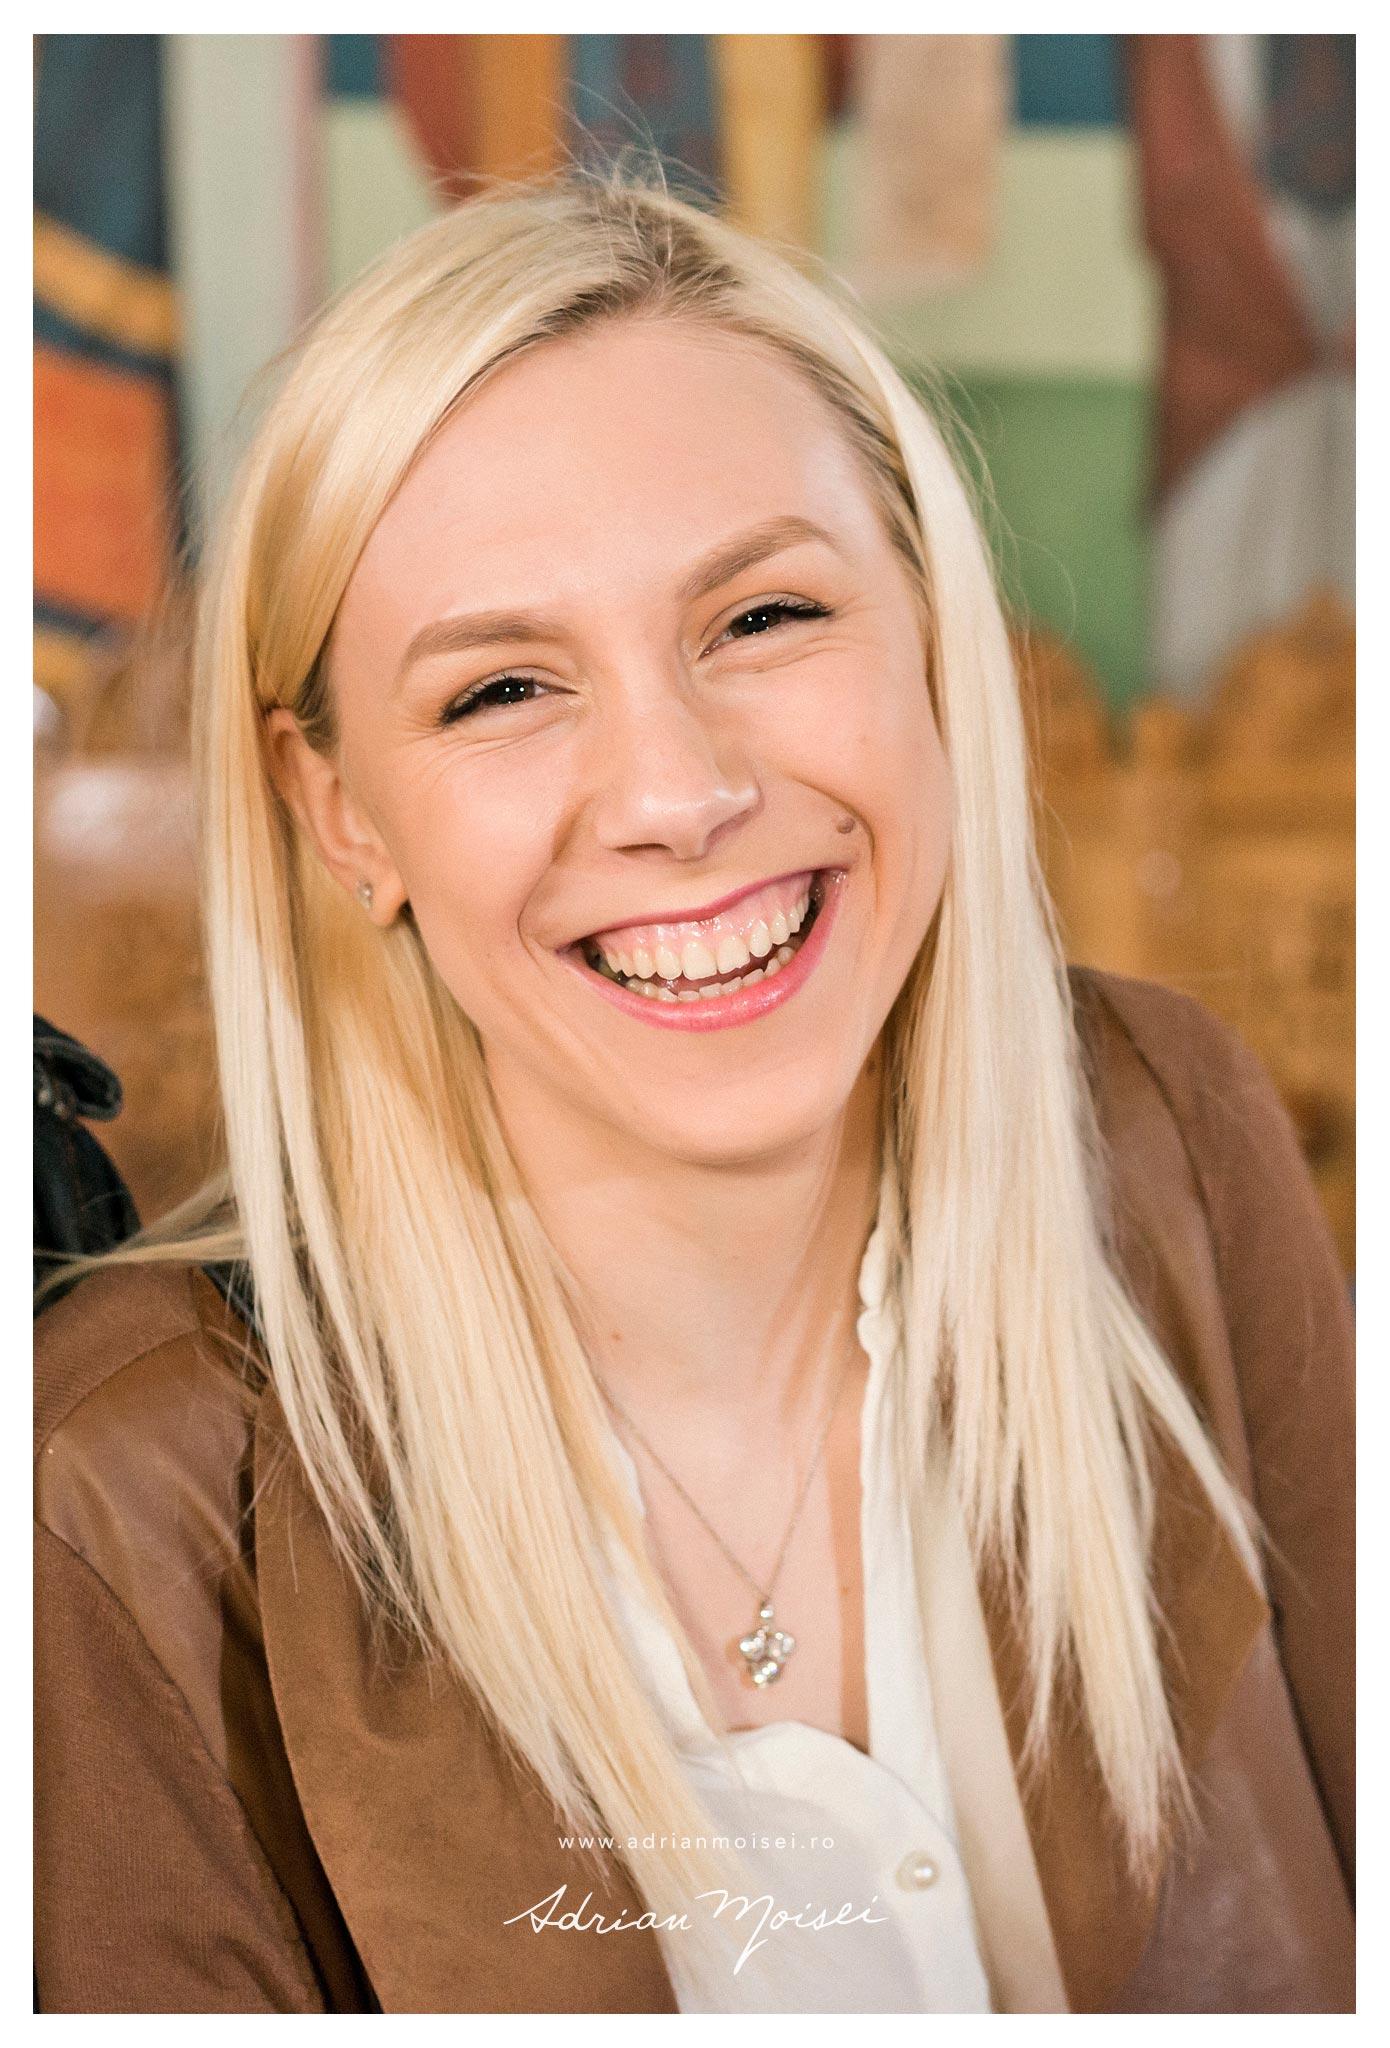 Fotografie de portret a unei tinere joviale, de Adrian Moisei